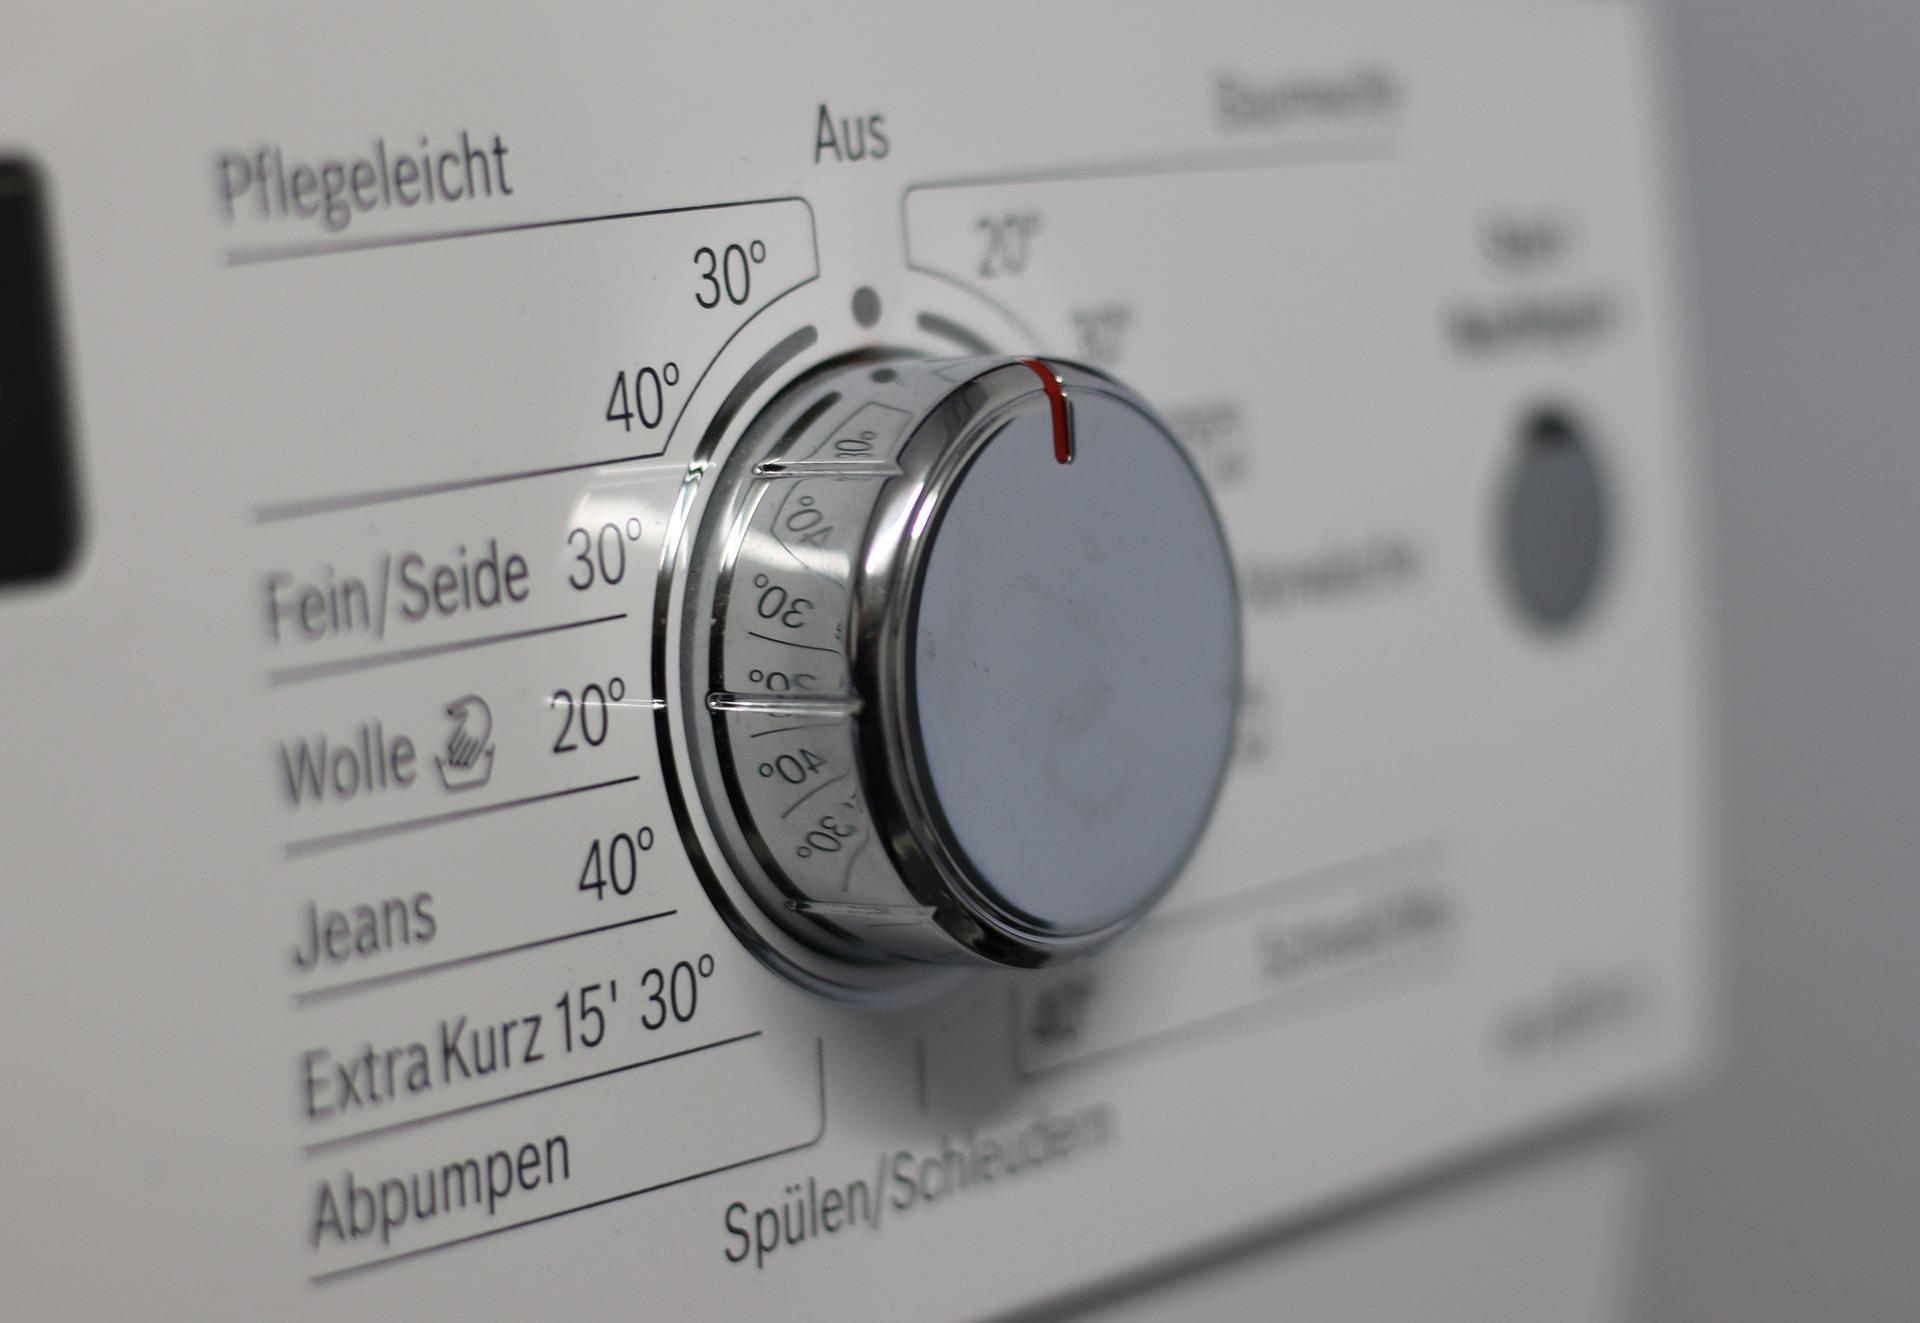 Pračky: co umí a jakou pračku vybrat?